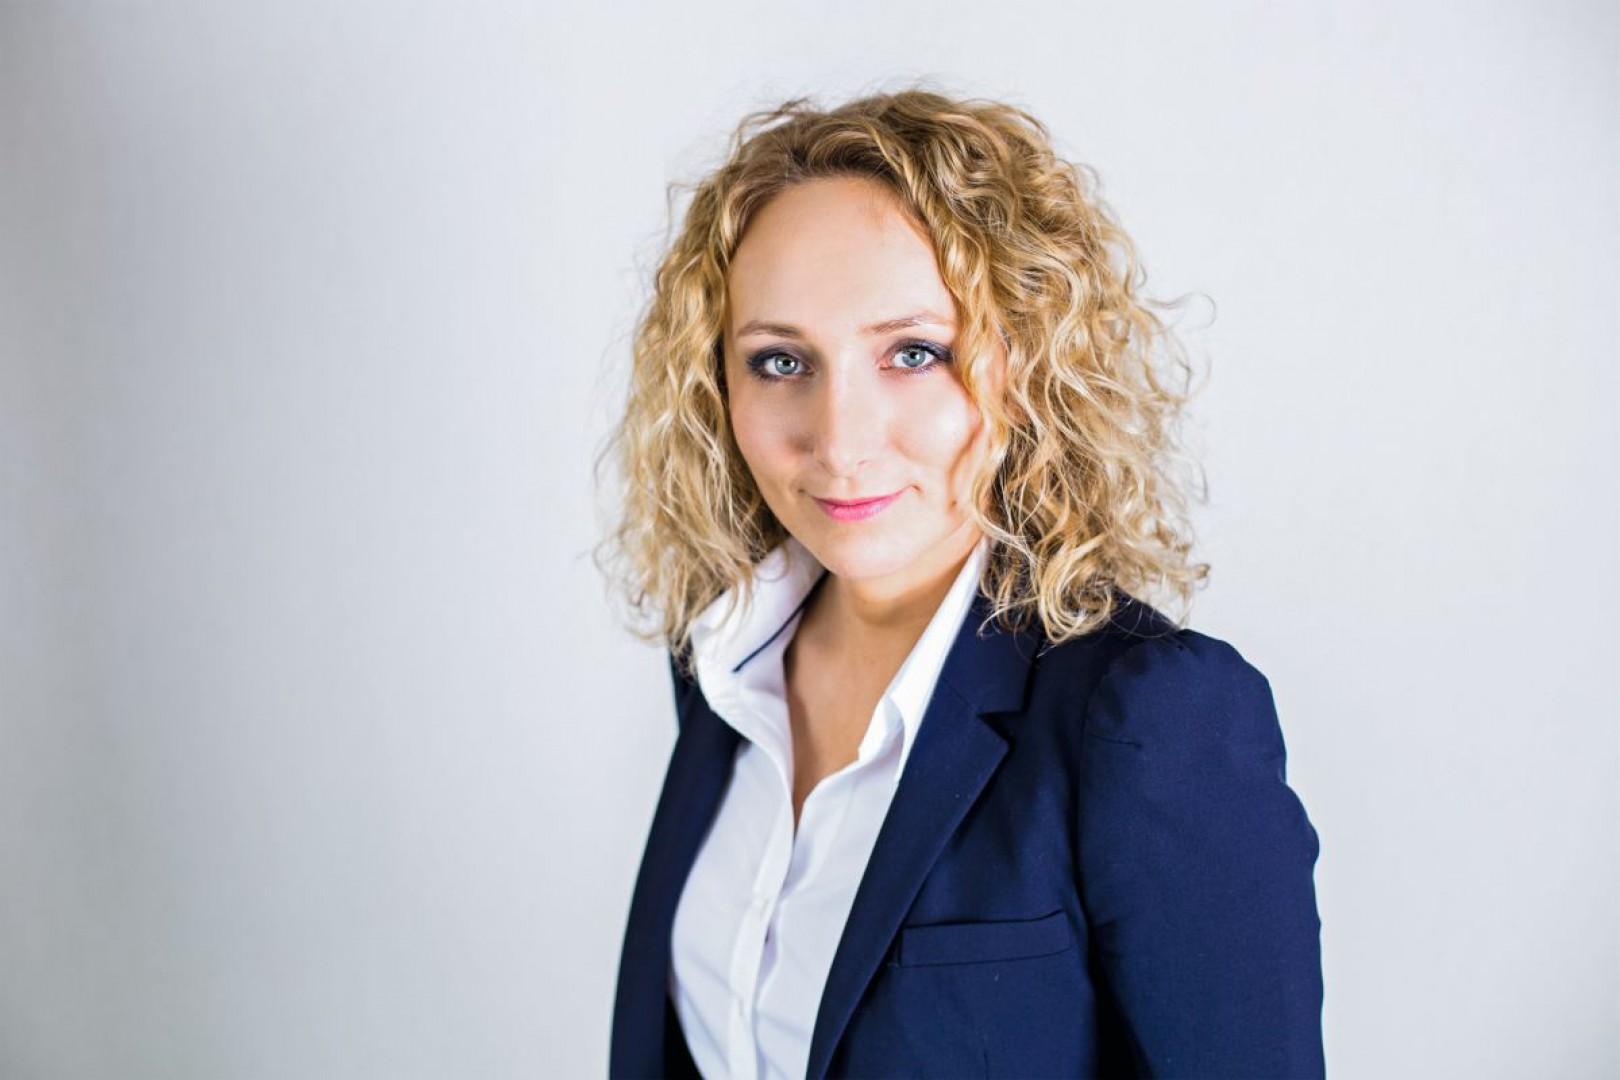 Ewelina Wójcik, dyrektor marketingu marki Meble Wójcik. Fot. Meble Wójcik